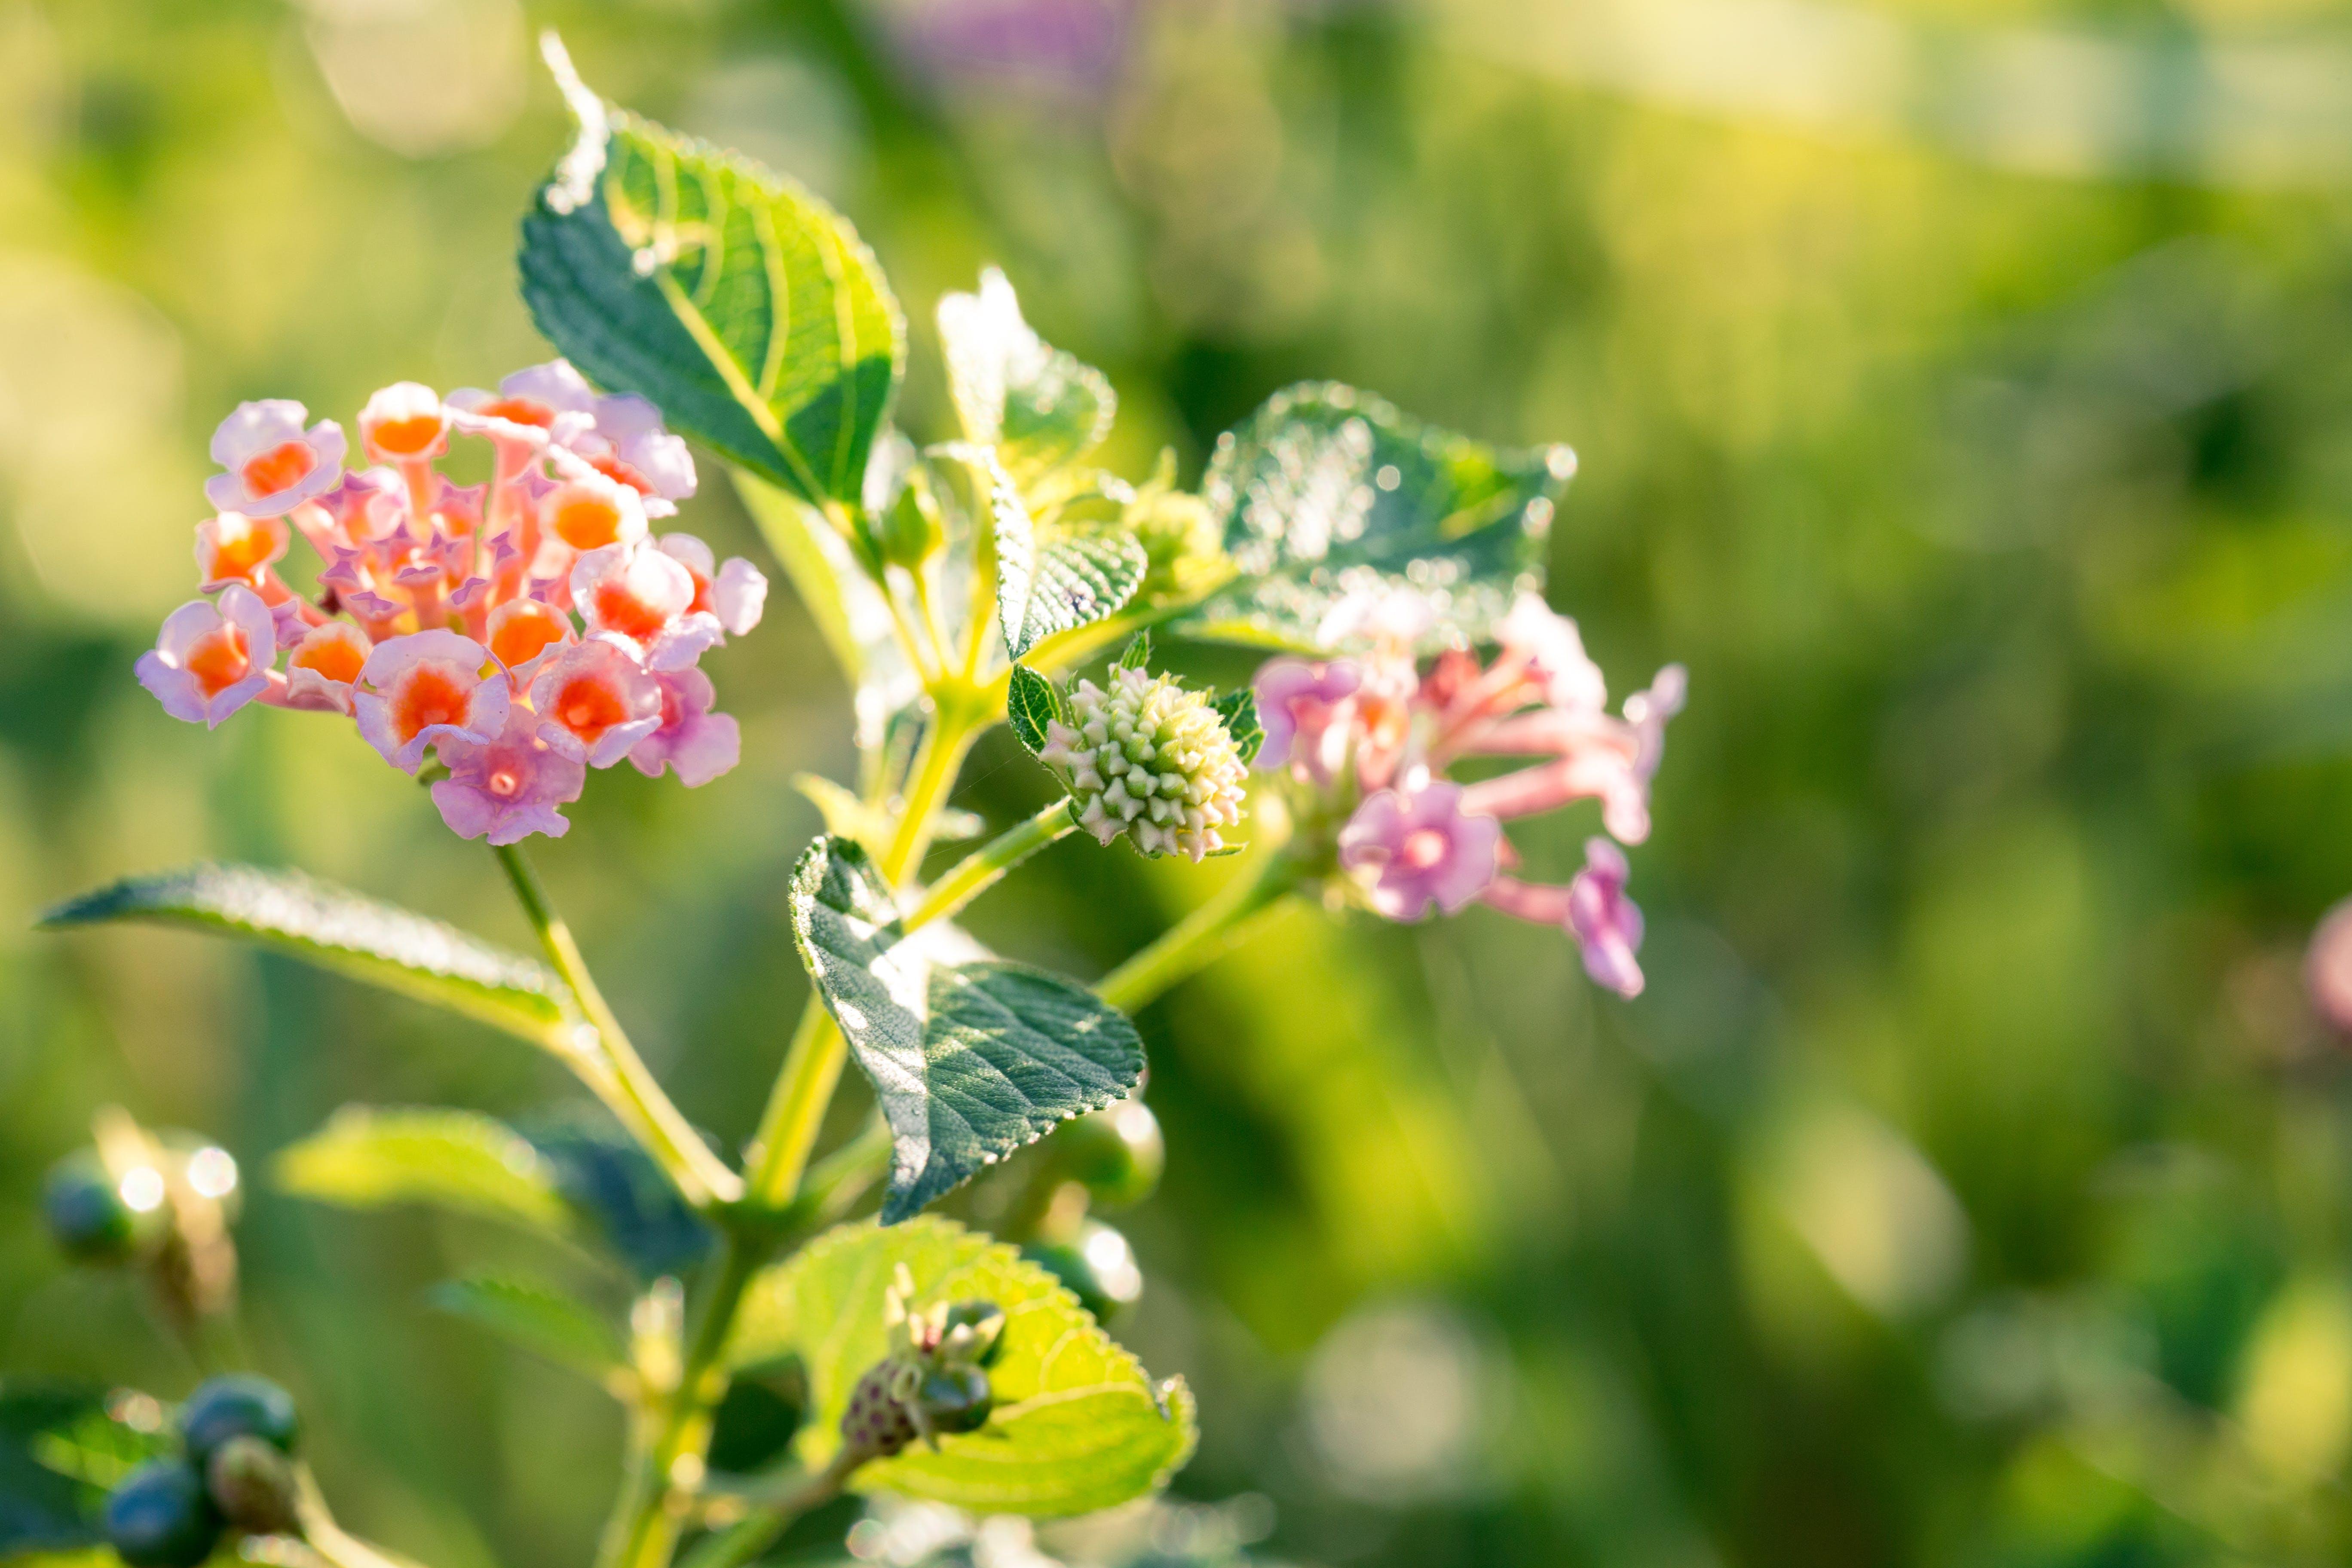 Ảnh lưu trữ miễn phí về hệ thực vật, hoa, thực vật, vĩ mô